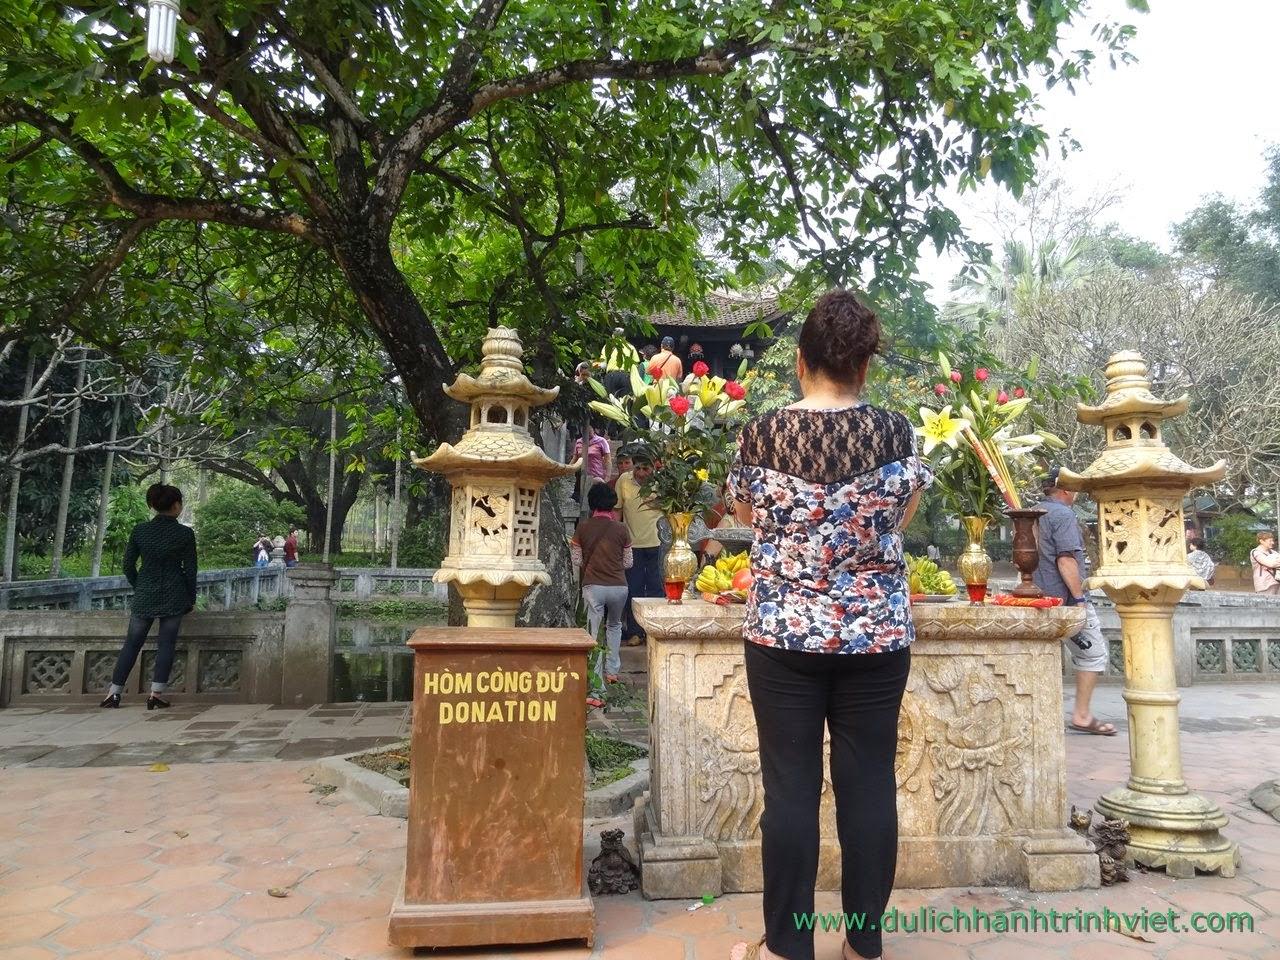 Tham quan những nét đặc trưng của Hà Nội 2014